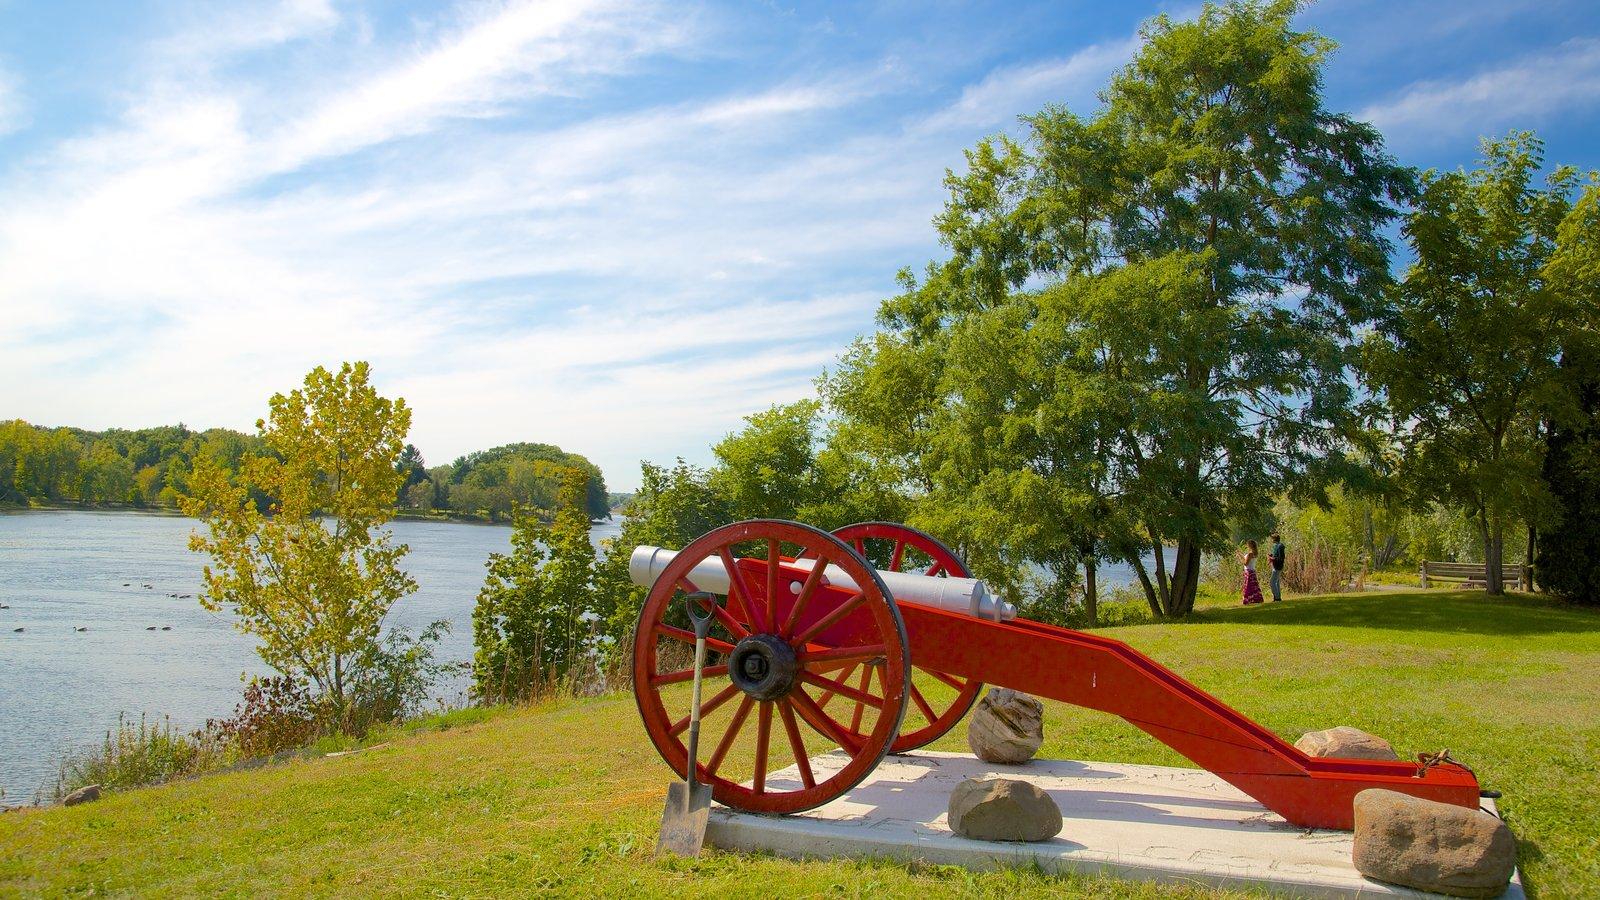 Stillwater mostrando un río o arroyo y un parque